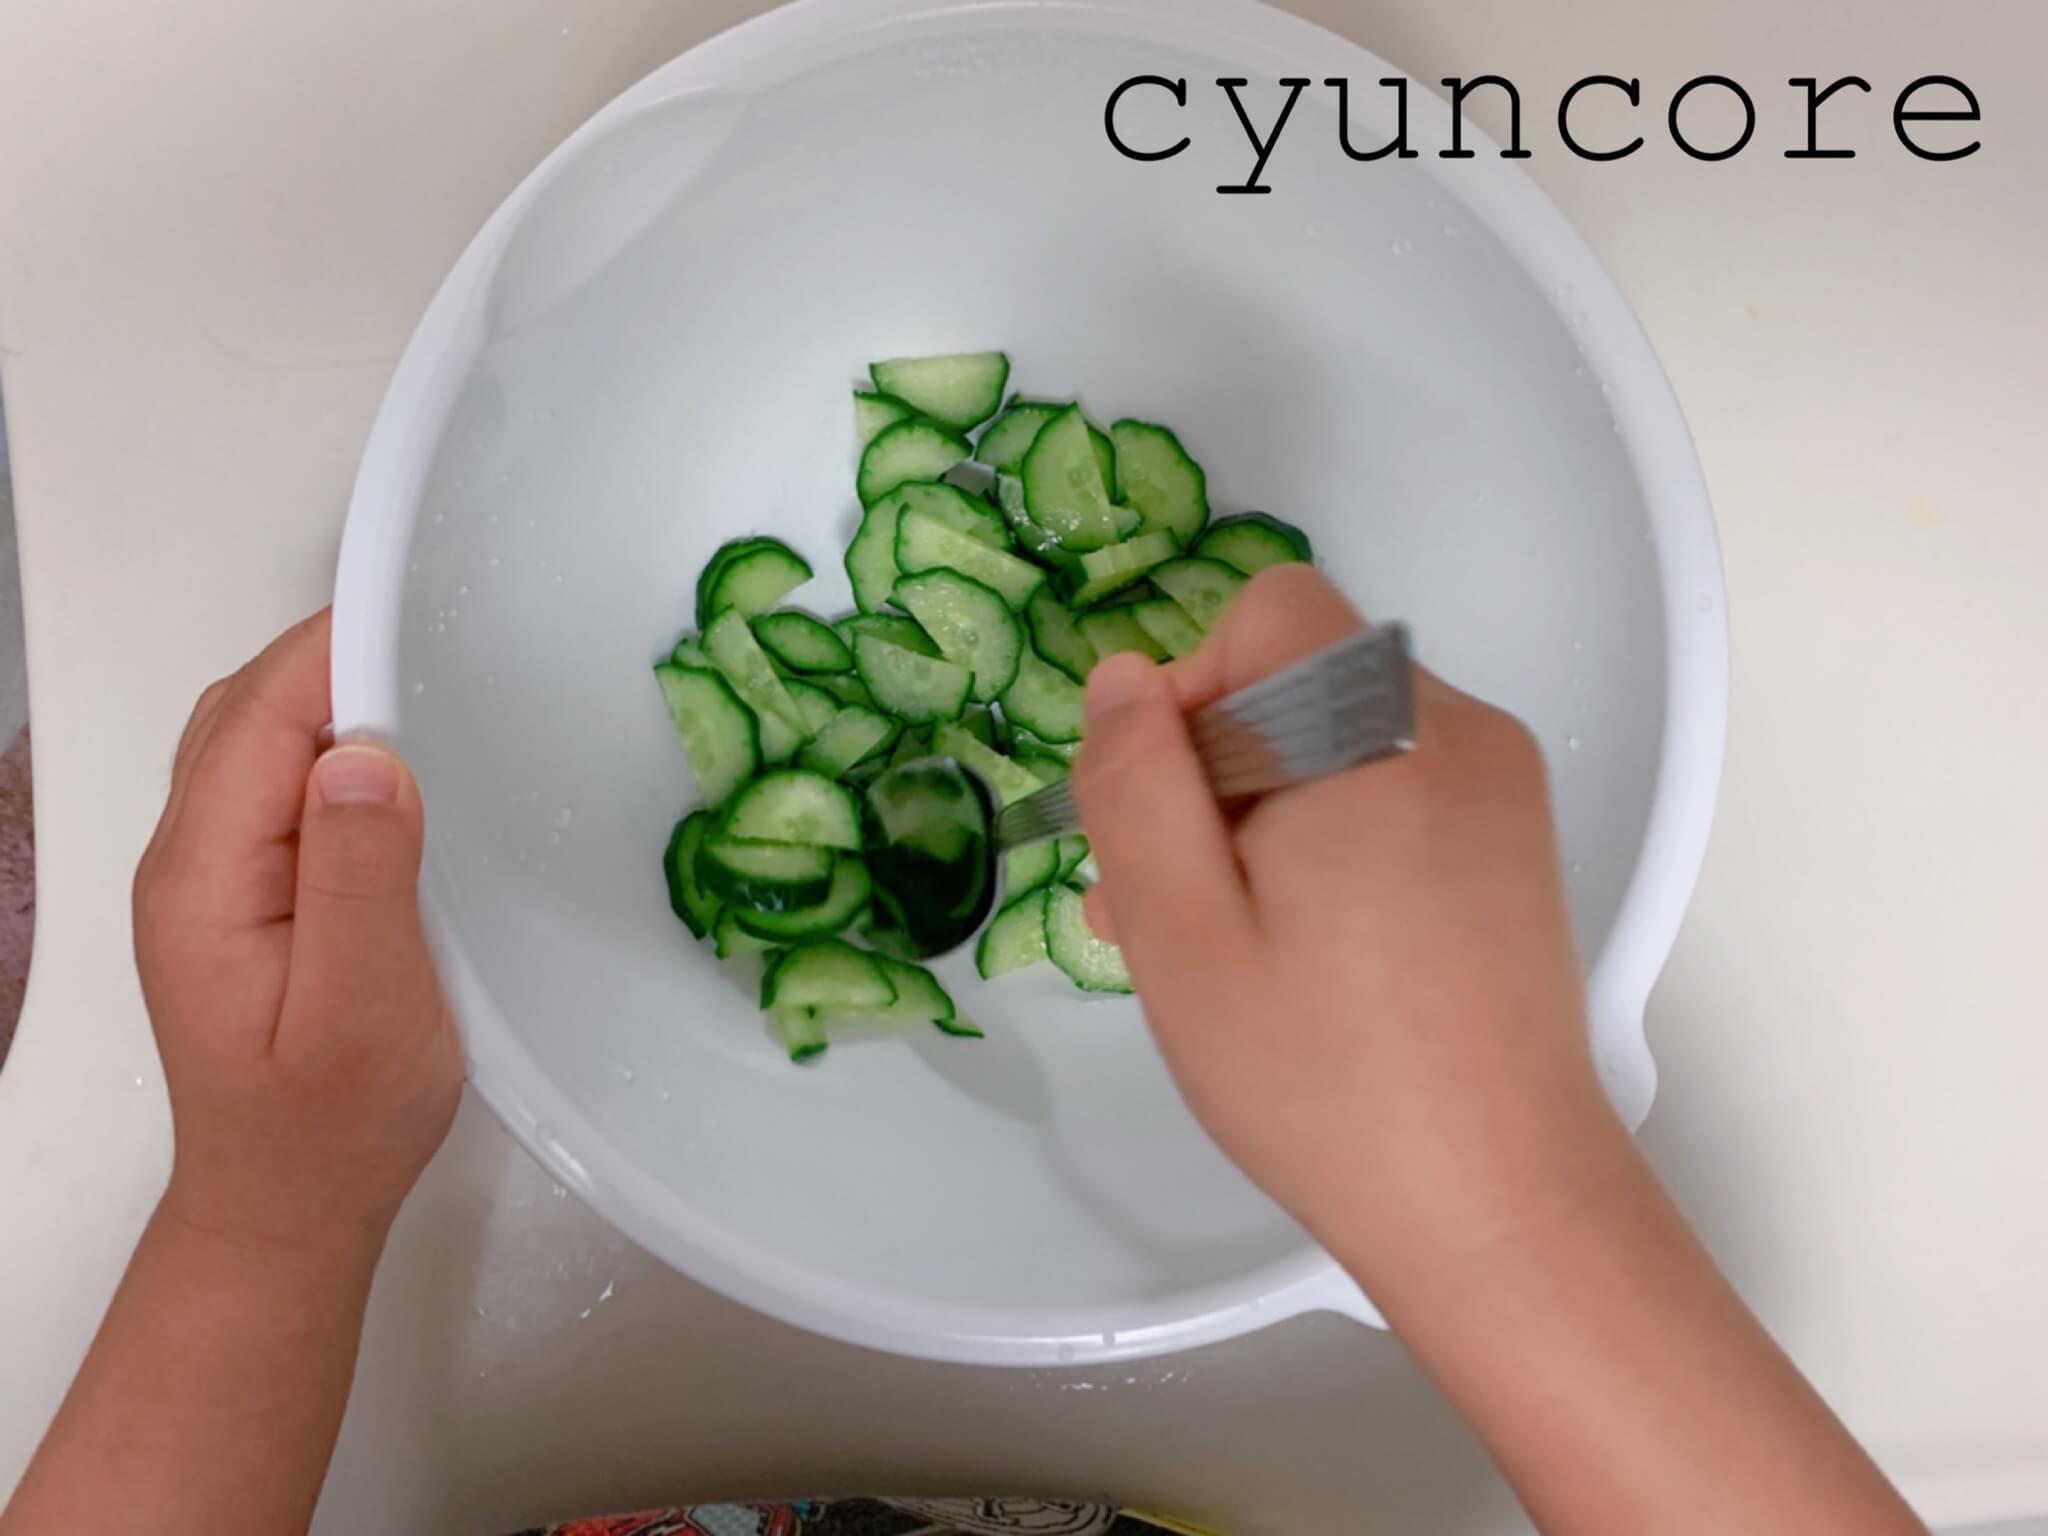 キッズ包丁レシピ②ゆで卵ときゅうりのサラダ-2